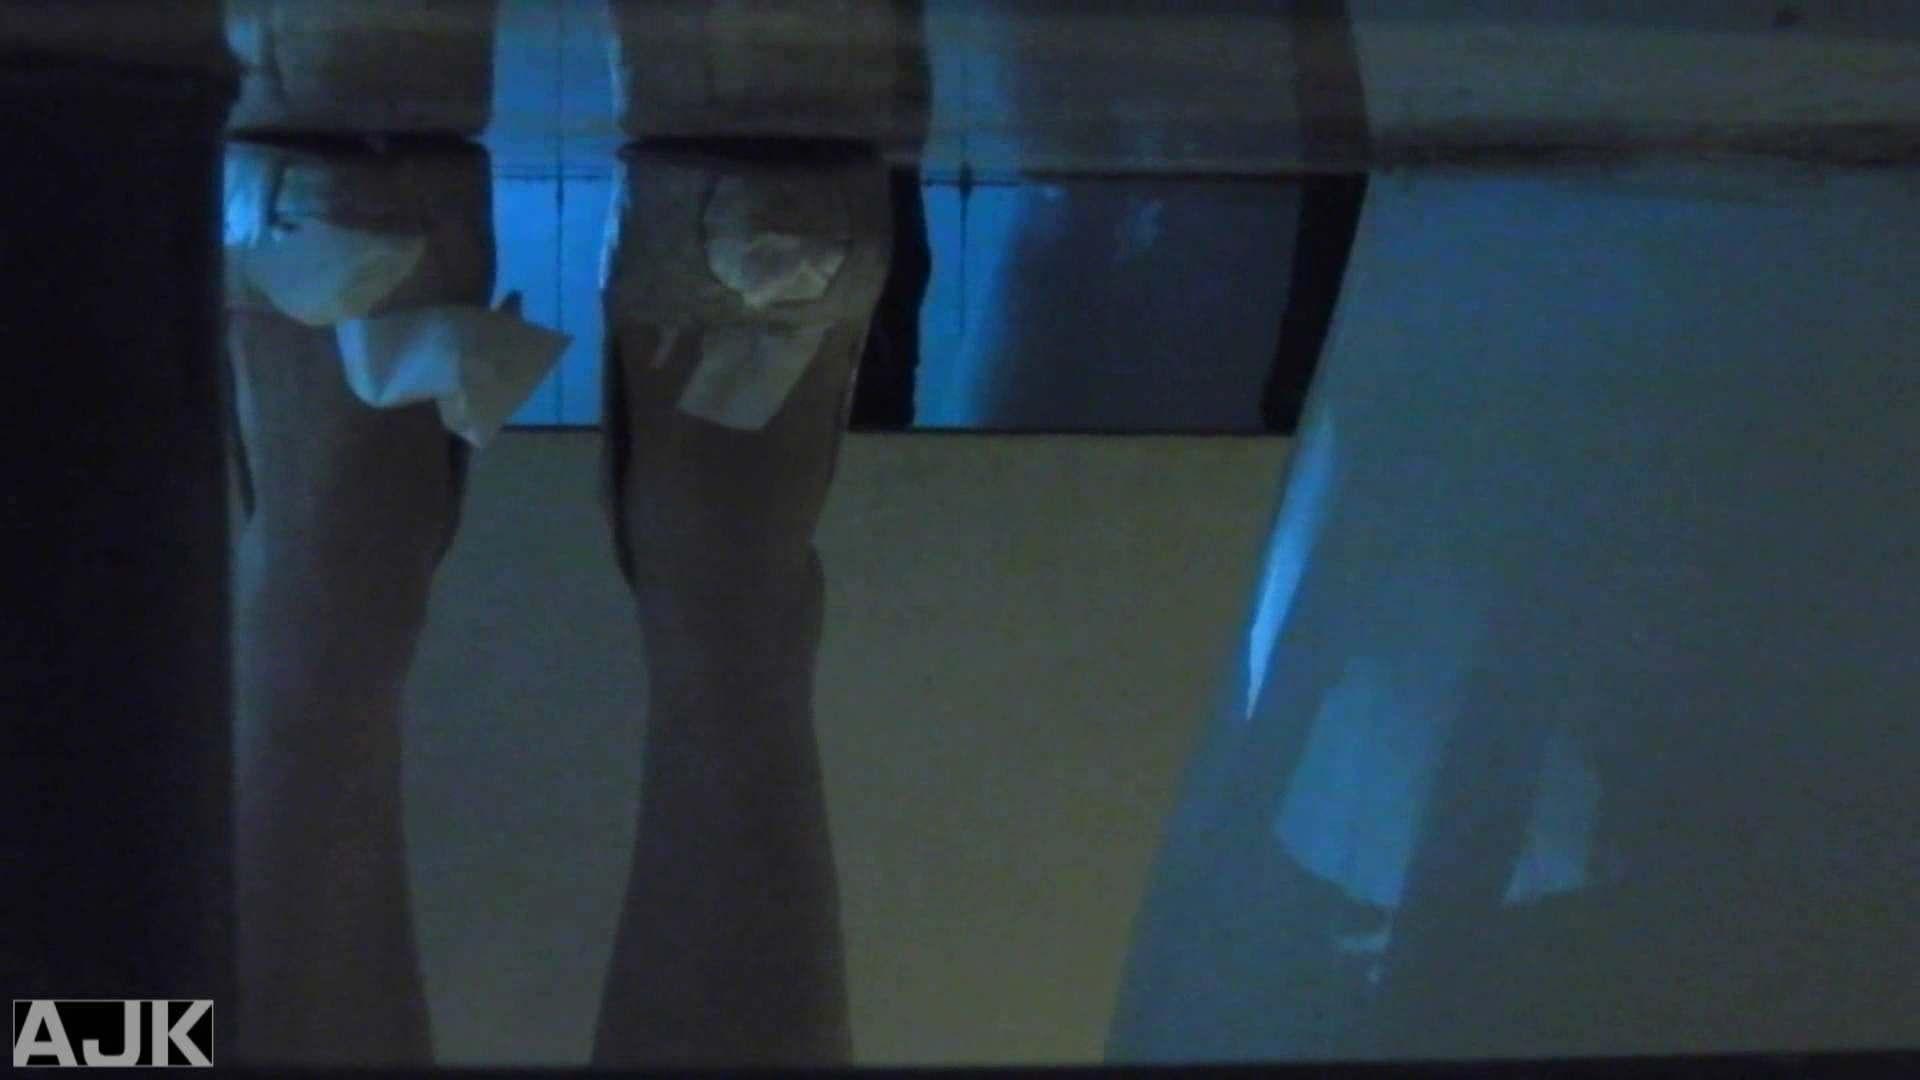 神降臨!史上最強の潜入かわや! vol.22 美女すけべ画像 おまんこ動画流出 56連発 53